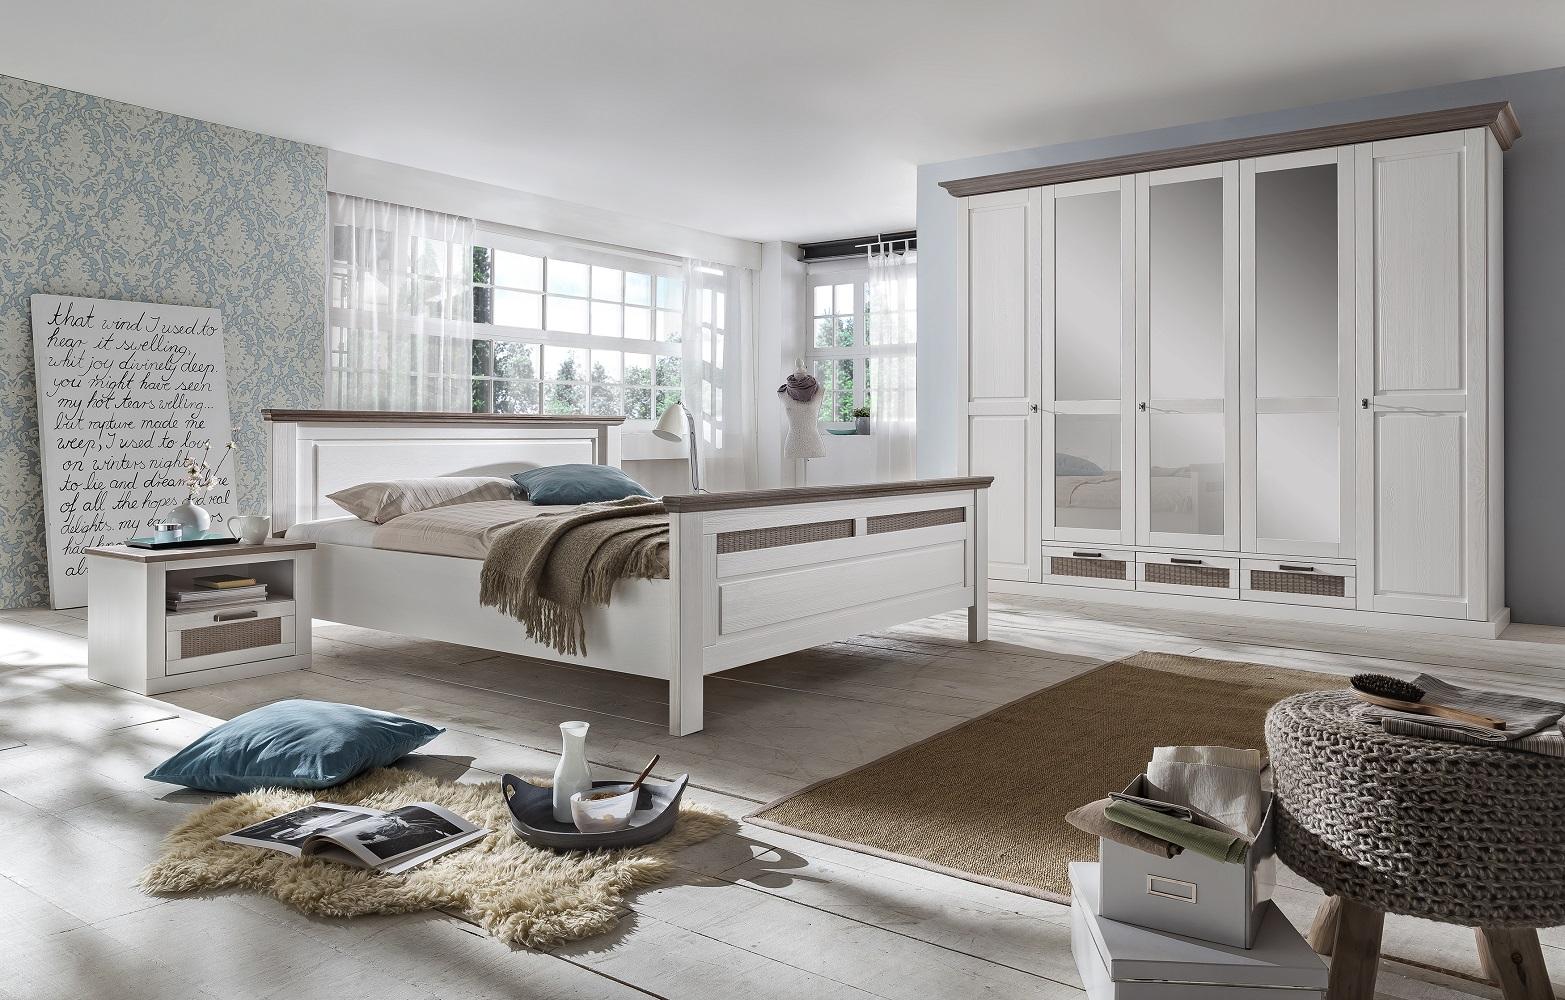 Full Size of Kleiderschrank Lugano Pinie Teilmassiv Taupe 5 Trig 3 Schubksten Regal Mit Wohnzimmer Kleiderschrank Real